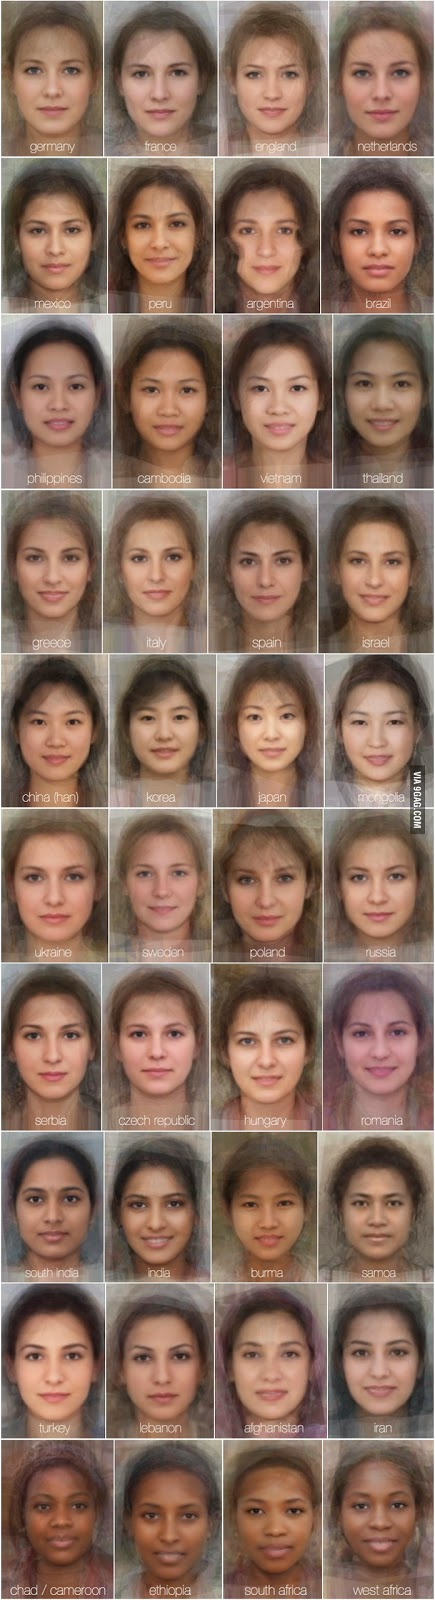 O rosto padrão das mulheres em cada canto do mundo.